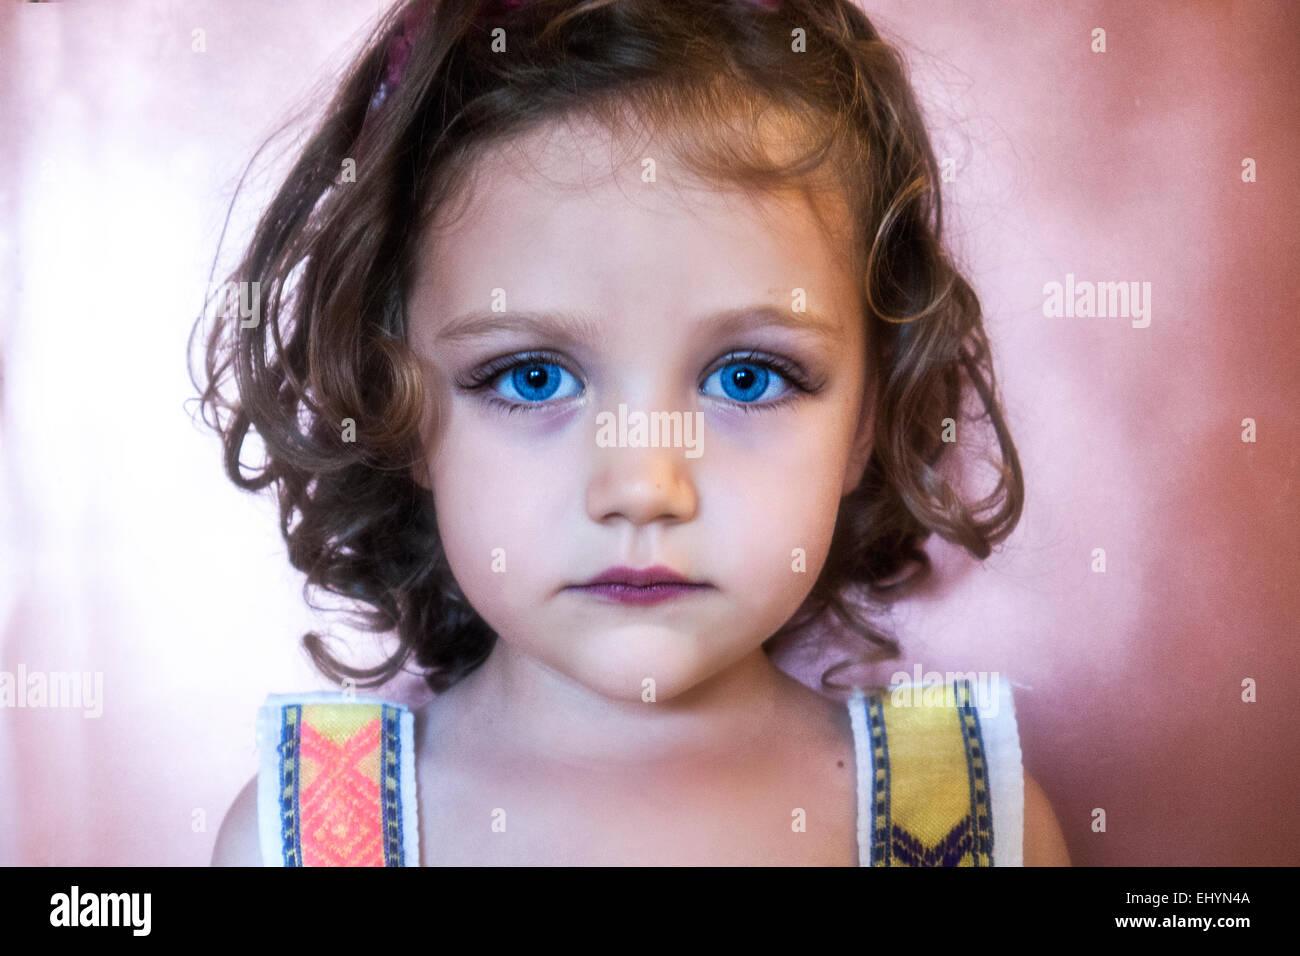 Portrait d'une fille aux yeux bleus Photo Stock